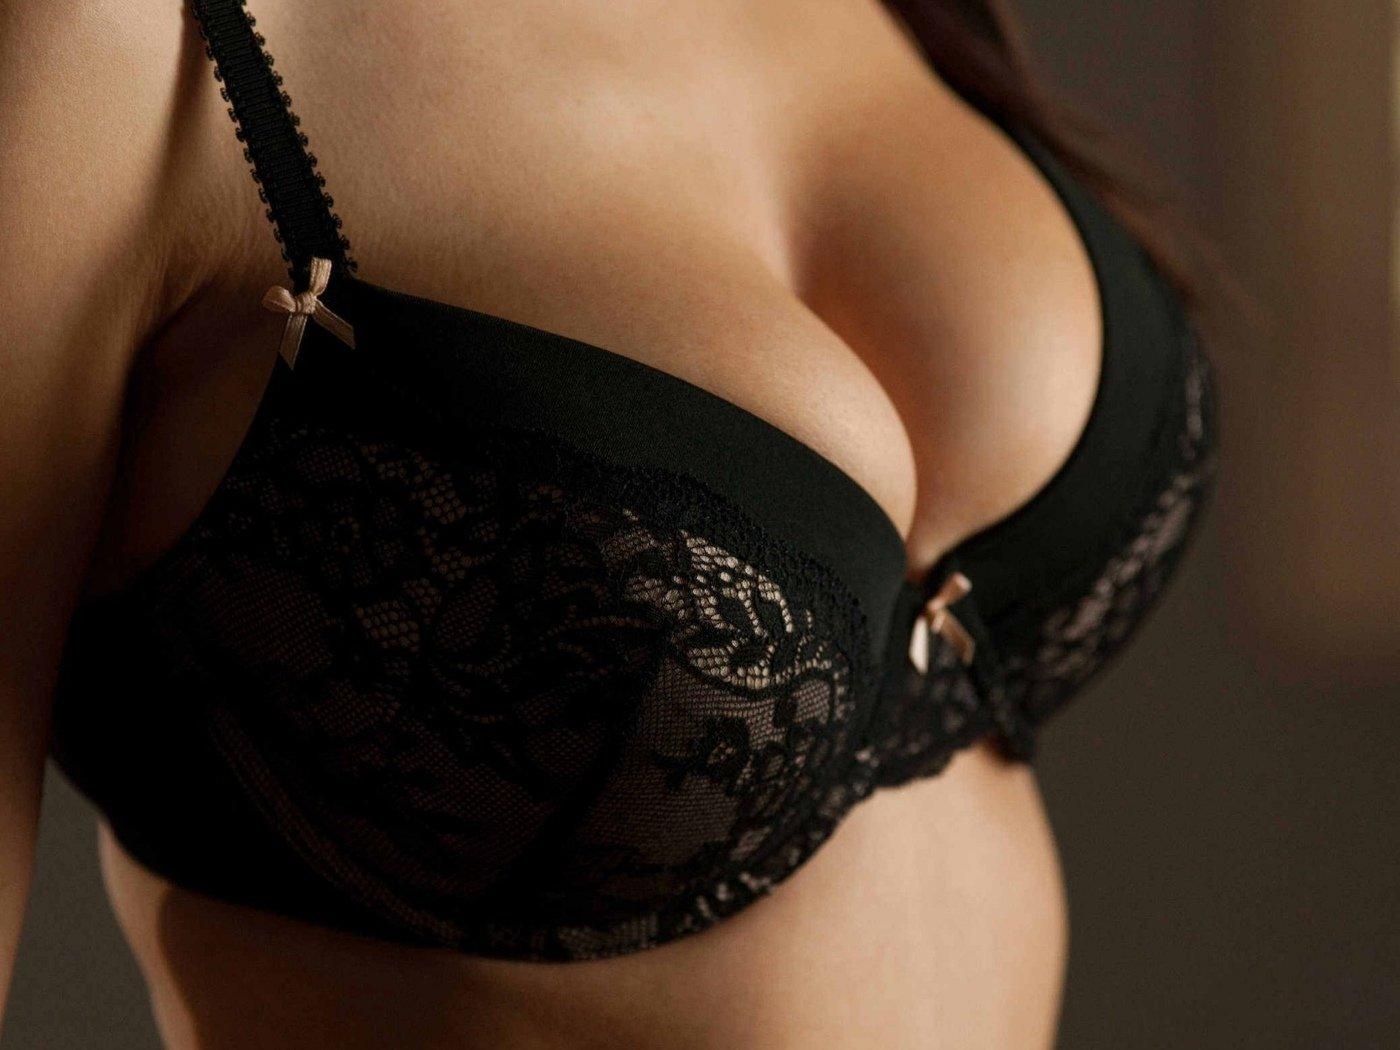 Женская грудь фото картинка